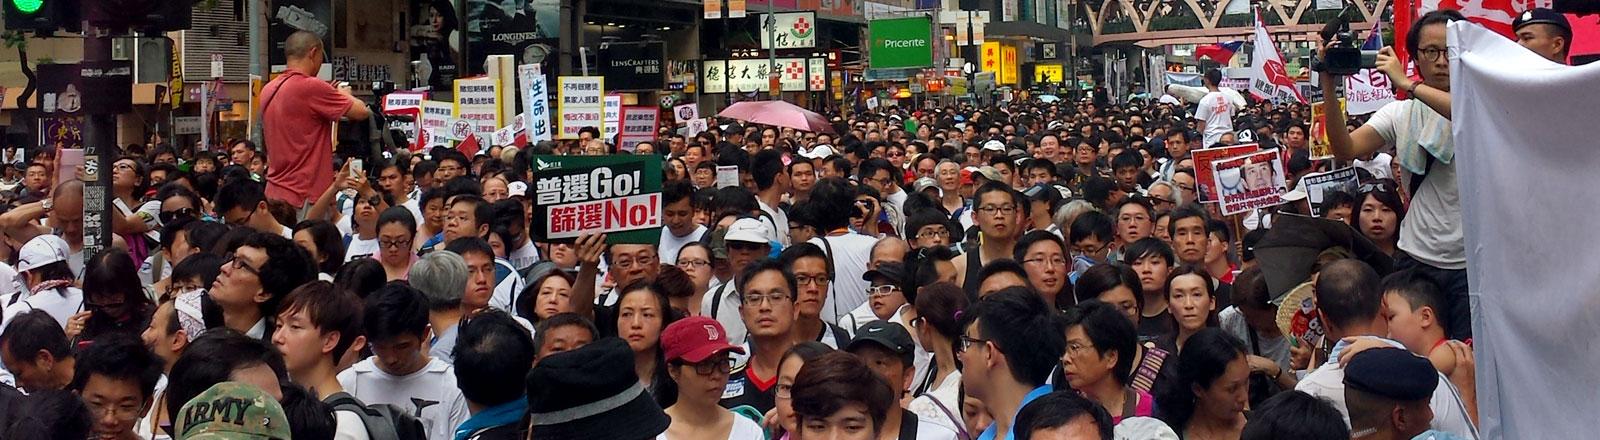 Die Hongkonger demonstrieren  am 1.7.2014 für mehr Demokratie.